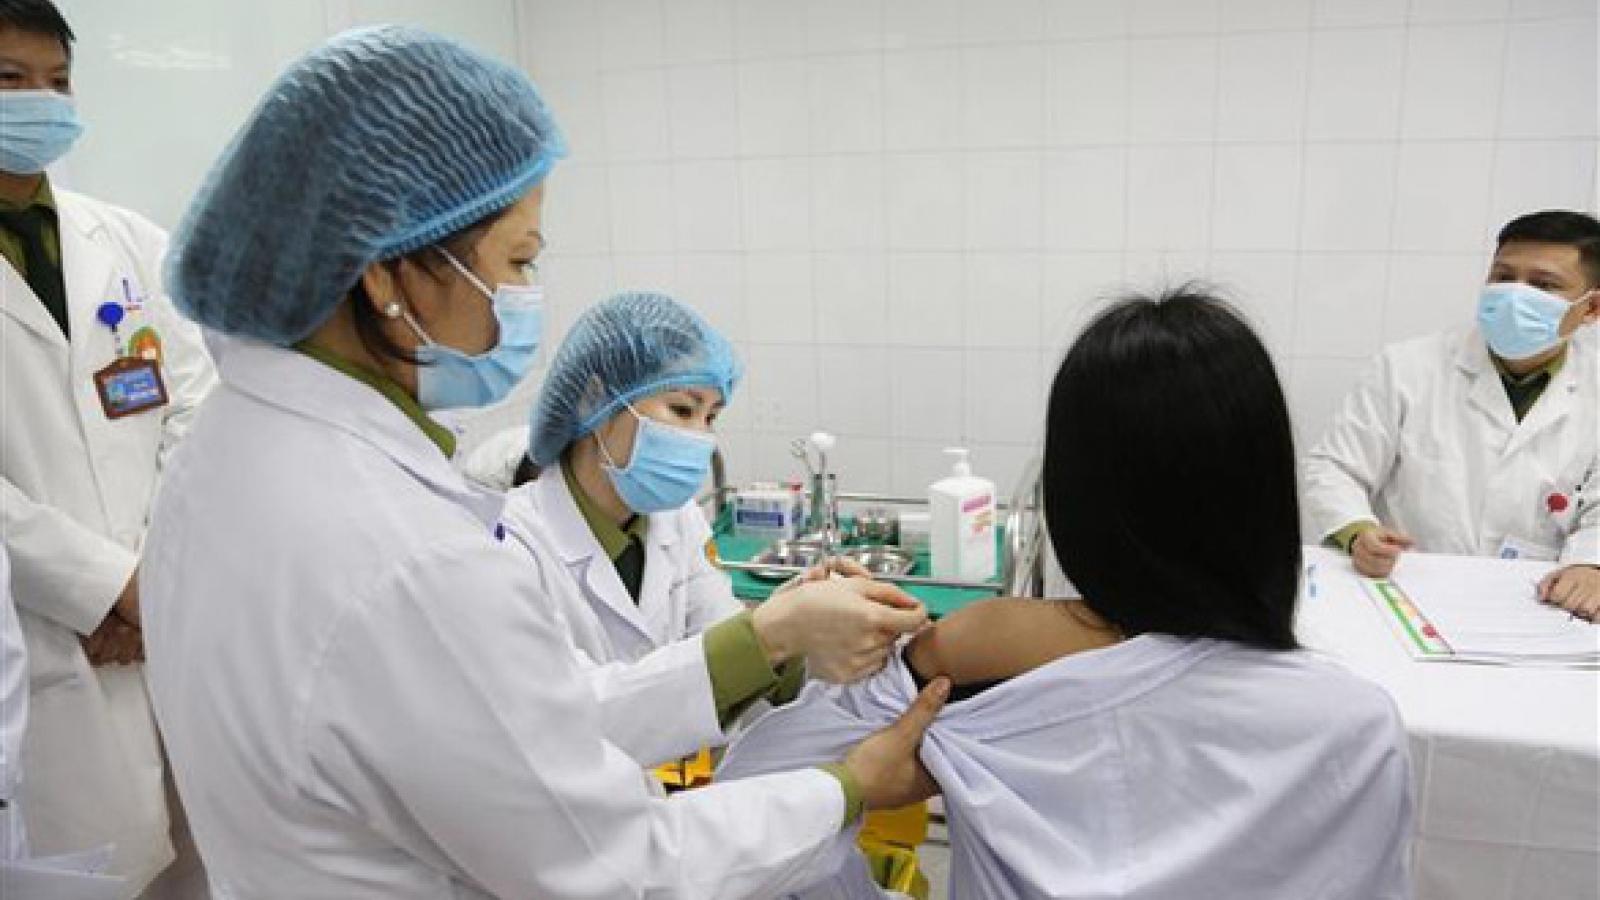 Tiến trình tiêm thử nghiệm trên người vaccine ngừa Covid-19 ở Việt Nam